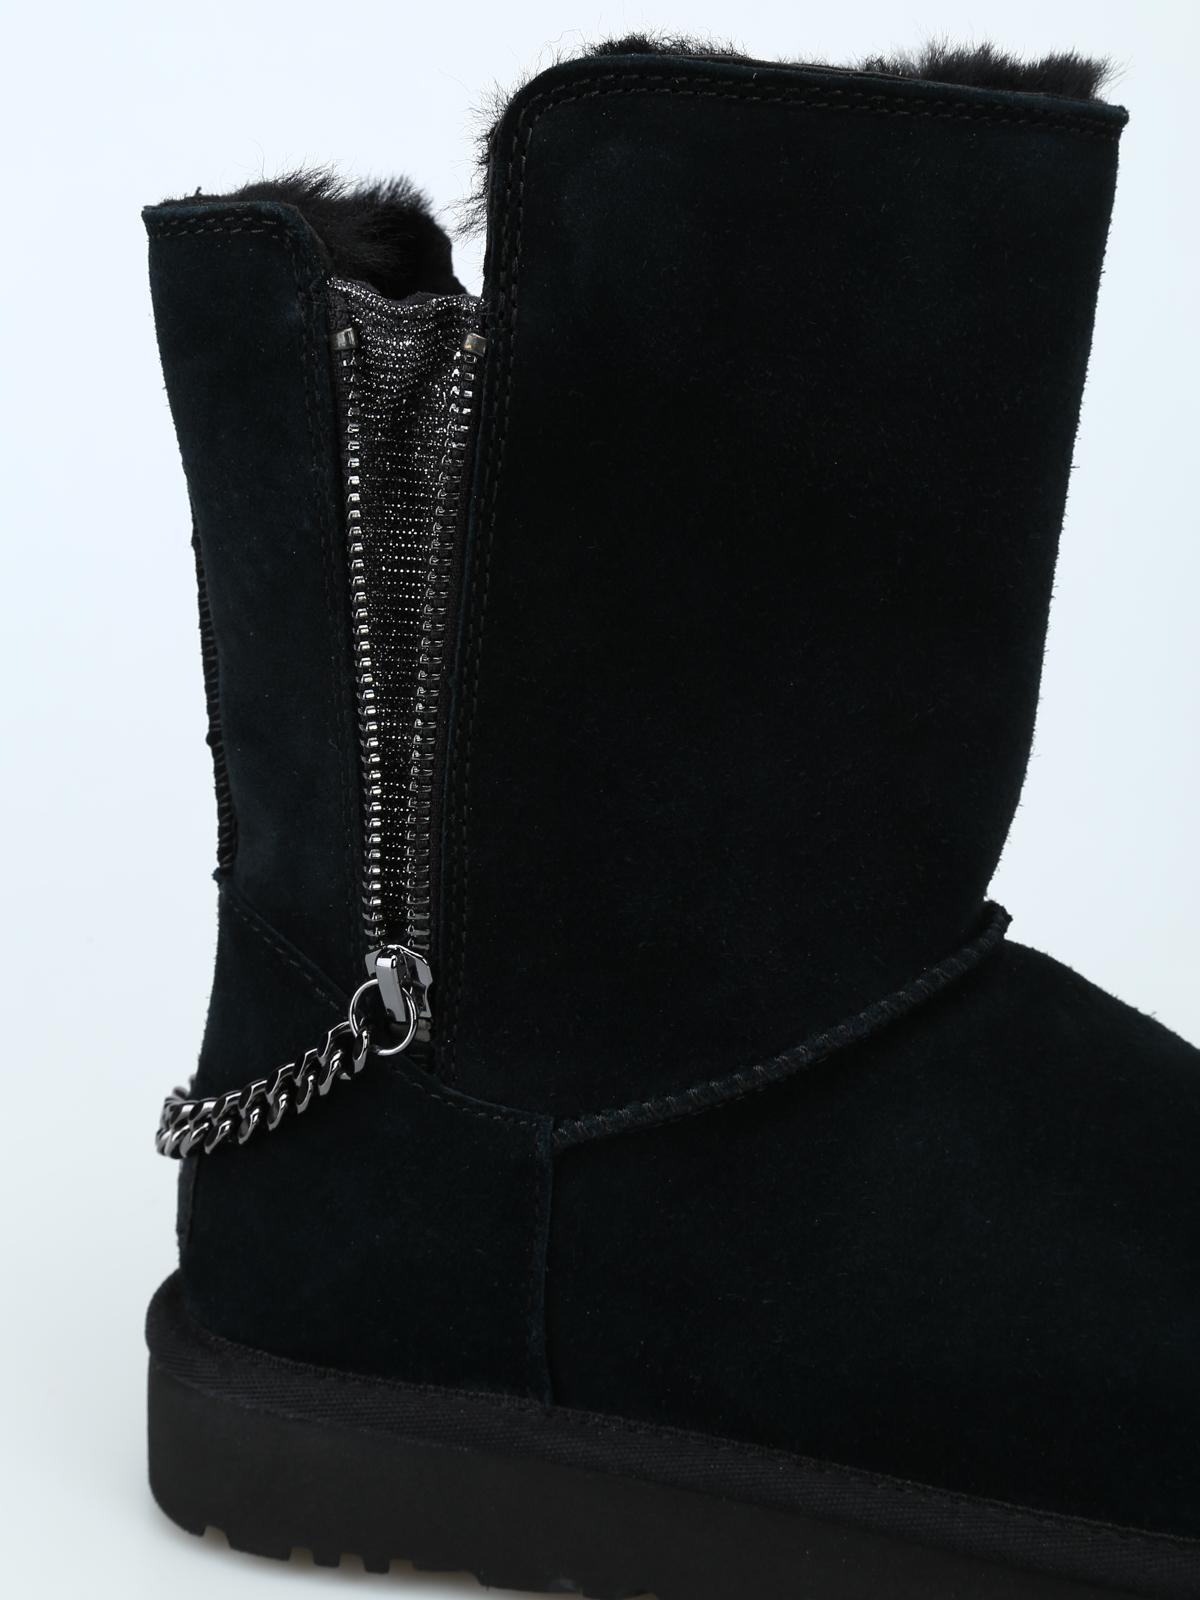 e4a5d5b3046 Ugg - Classic Short Sparkle ankle boots - ankle boots - 1094983WBLK